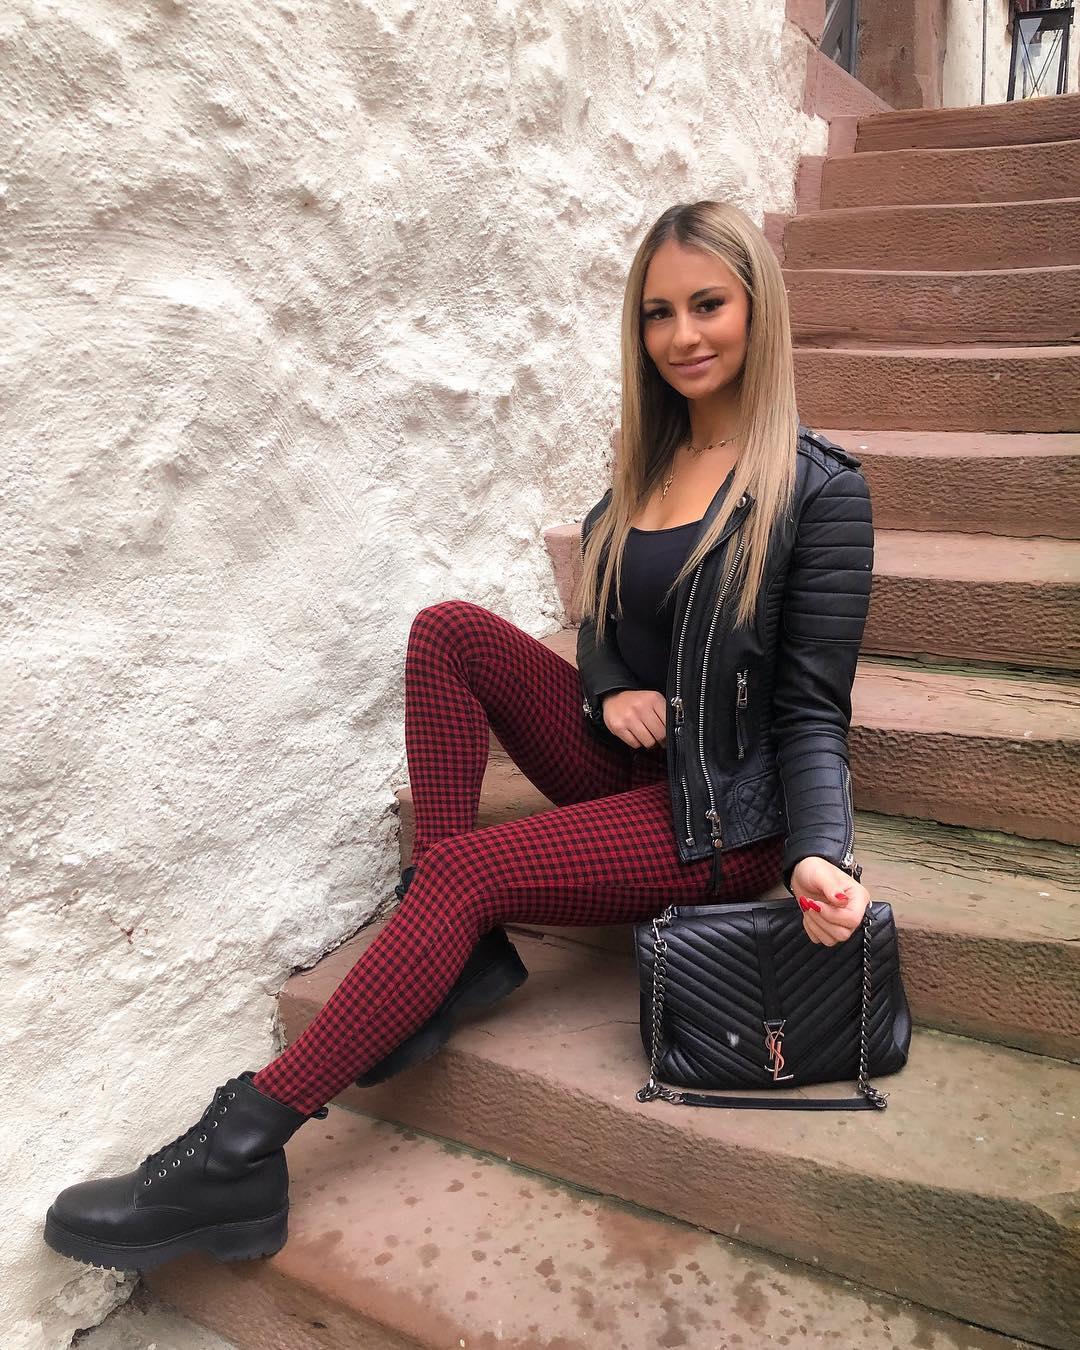 Melissa-Deines-Wallpapers-Insta-Fit-Bio-8